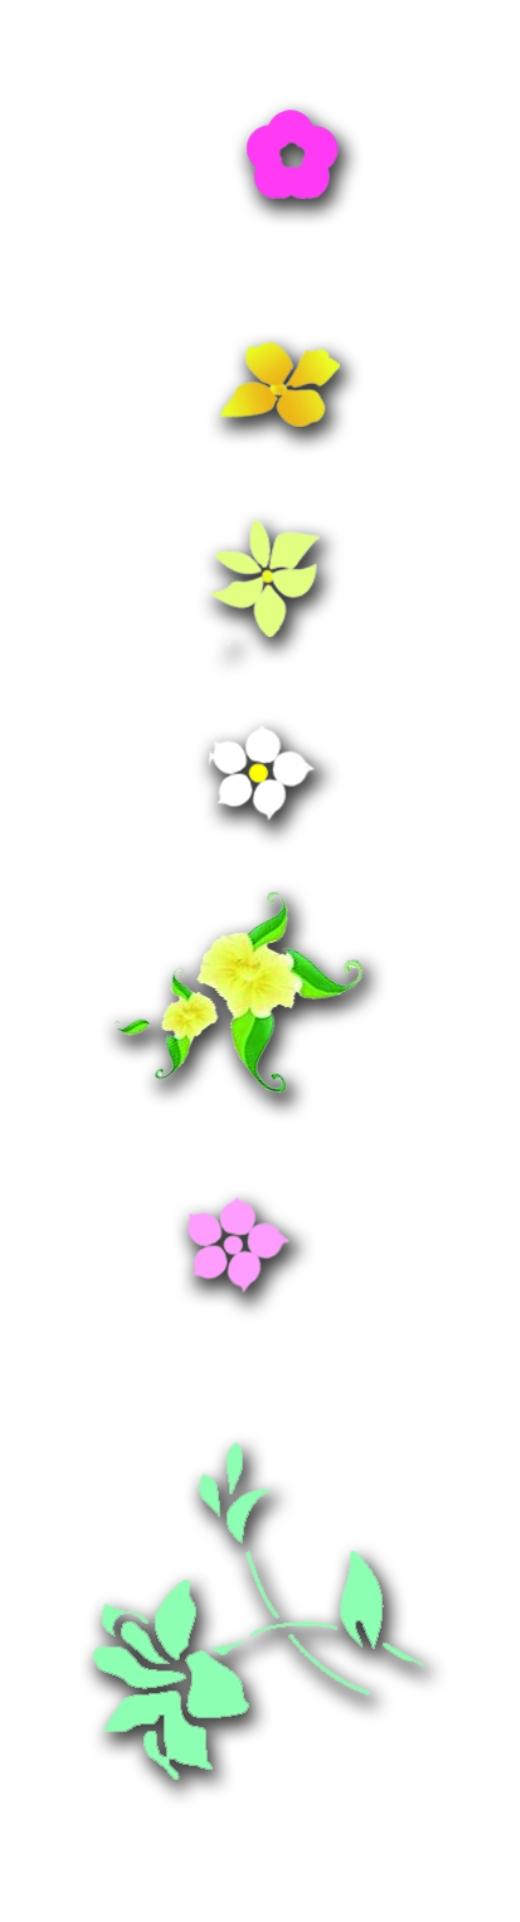 油菜花花蕾变化简笔画